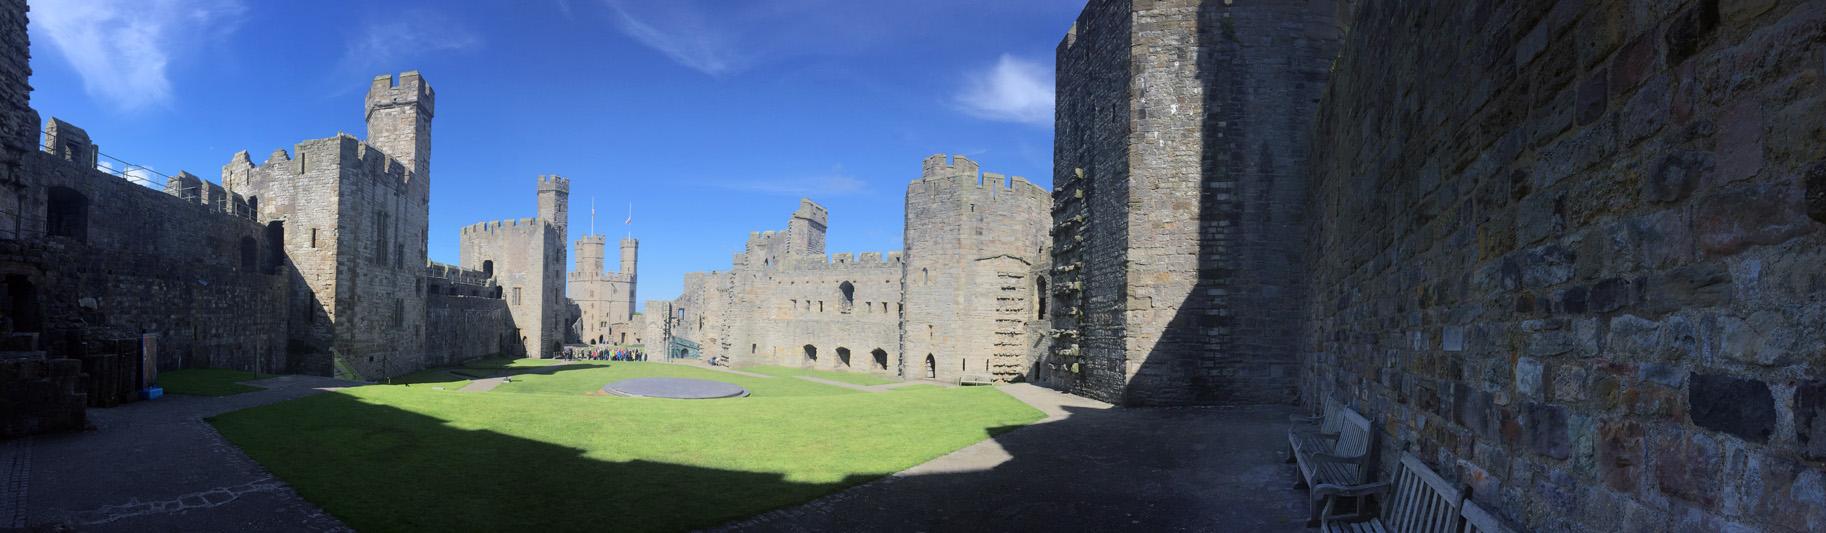 Caernarfon Castle schindet Eindruck